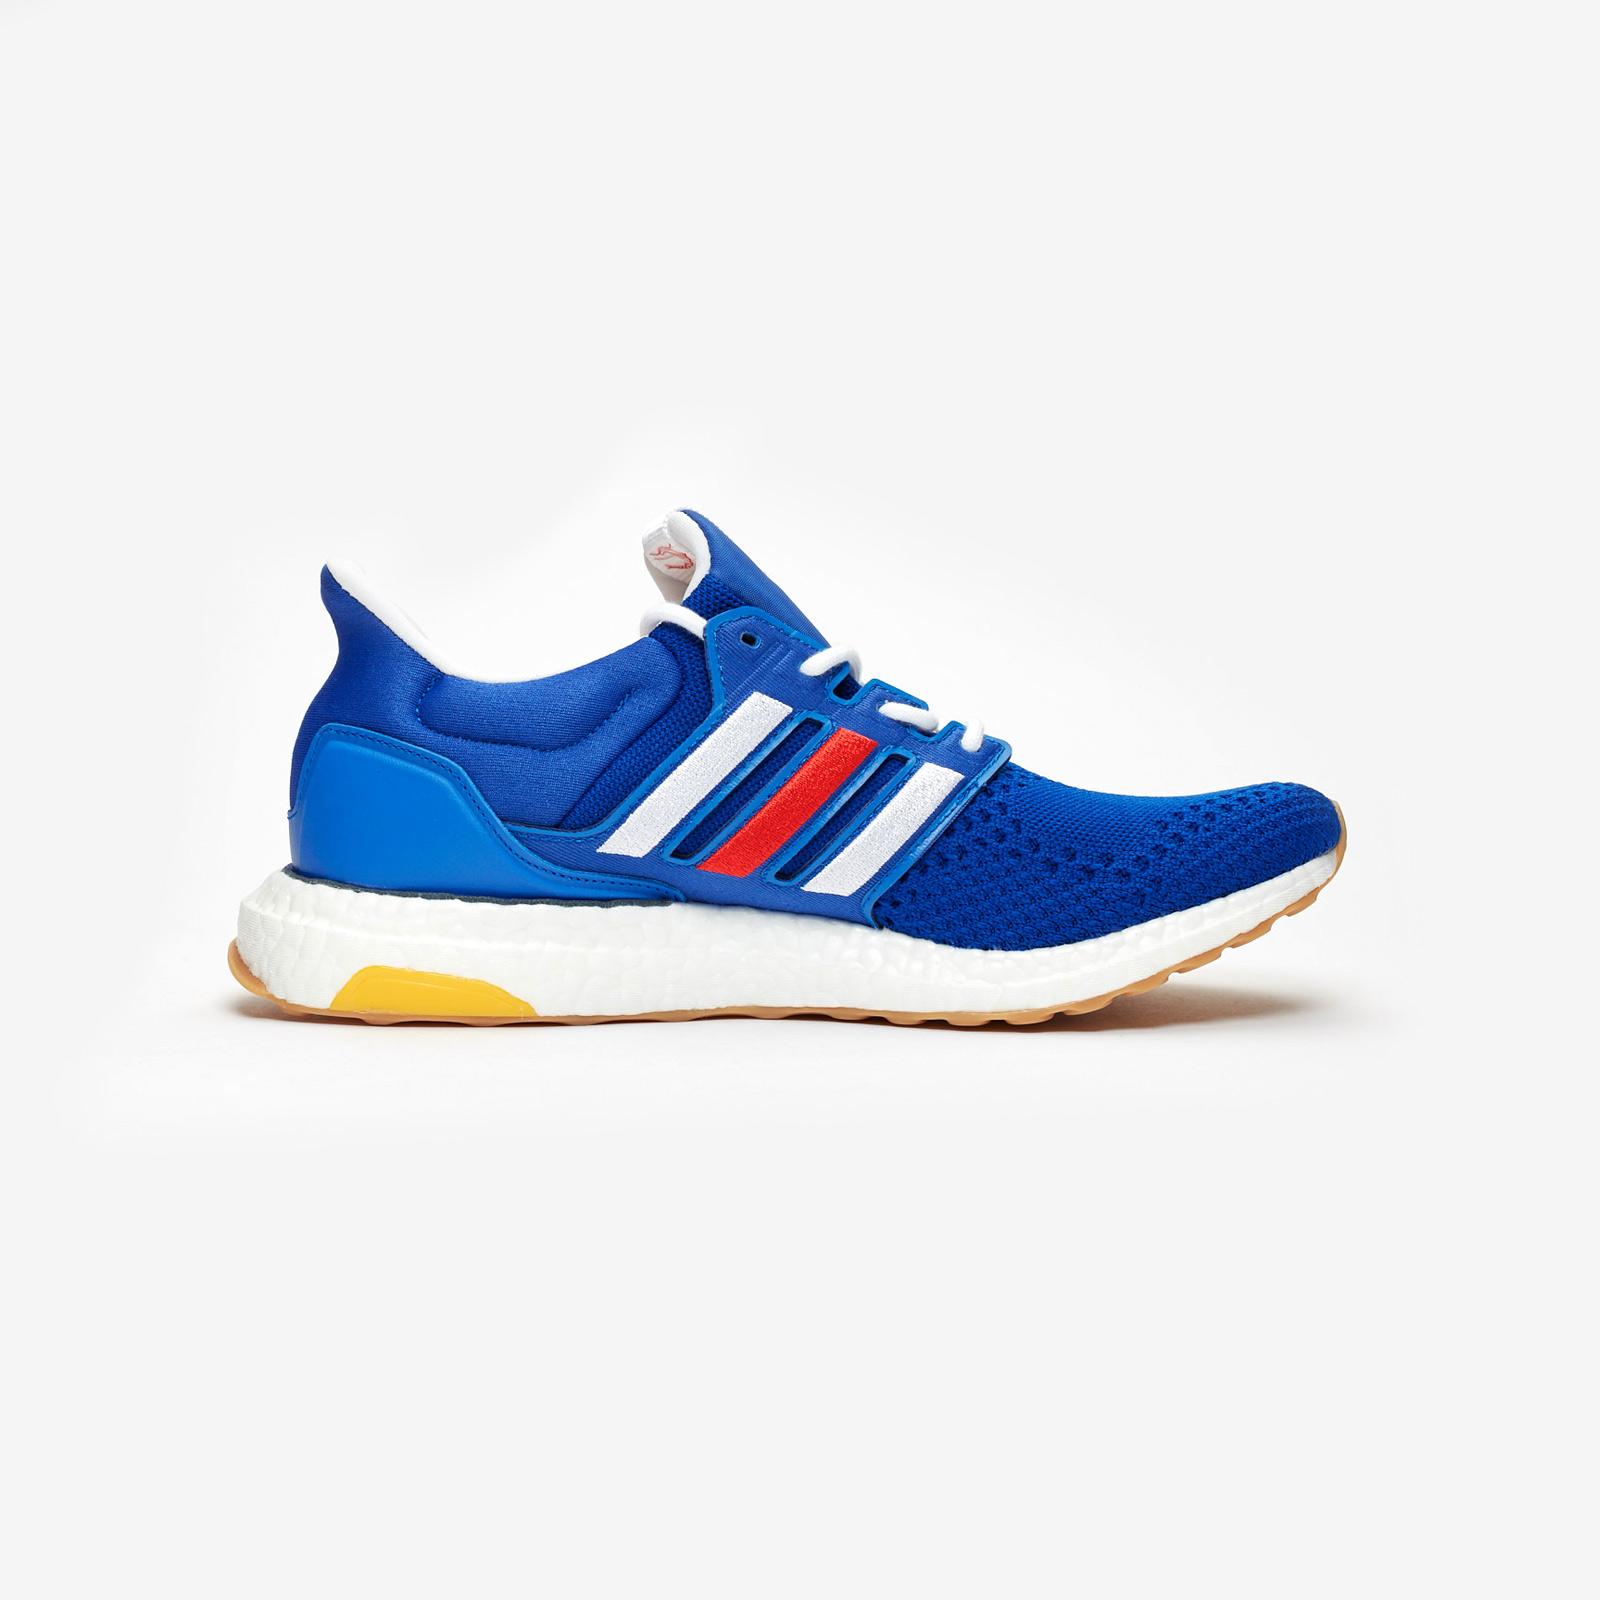 9bd4d4f741f adidas UltraBOOST E.G - Bc0949 - Sneakersnstuff